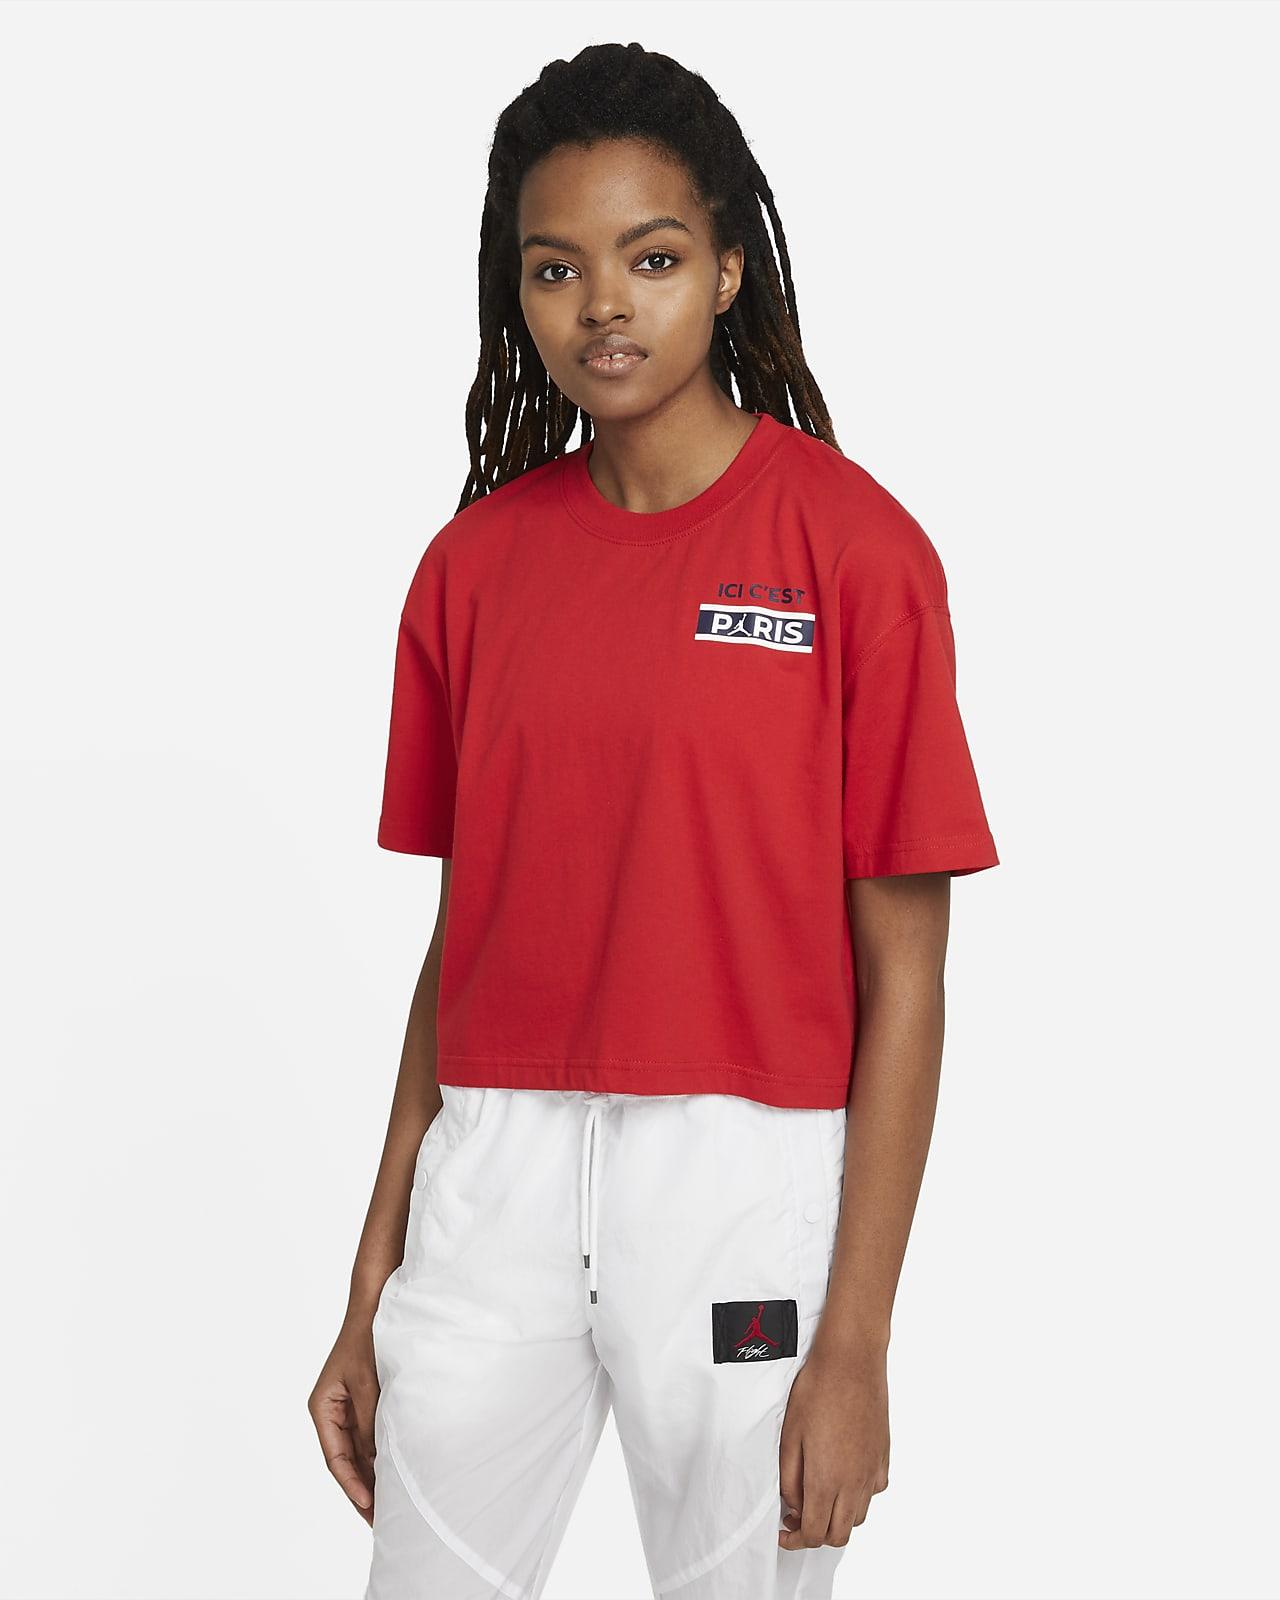 巴黎圣日耳曼女子短袖T恤